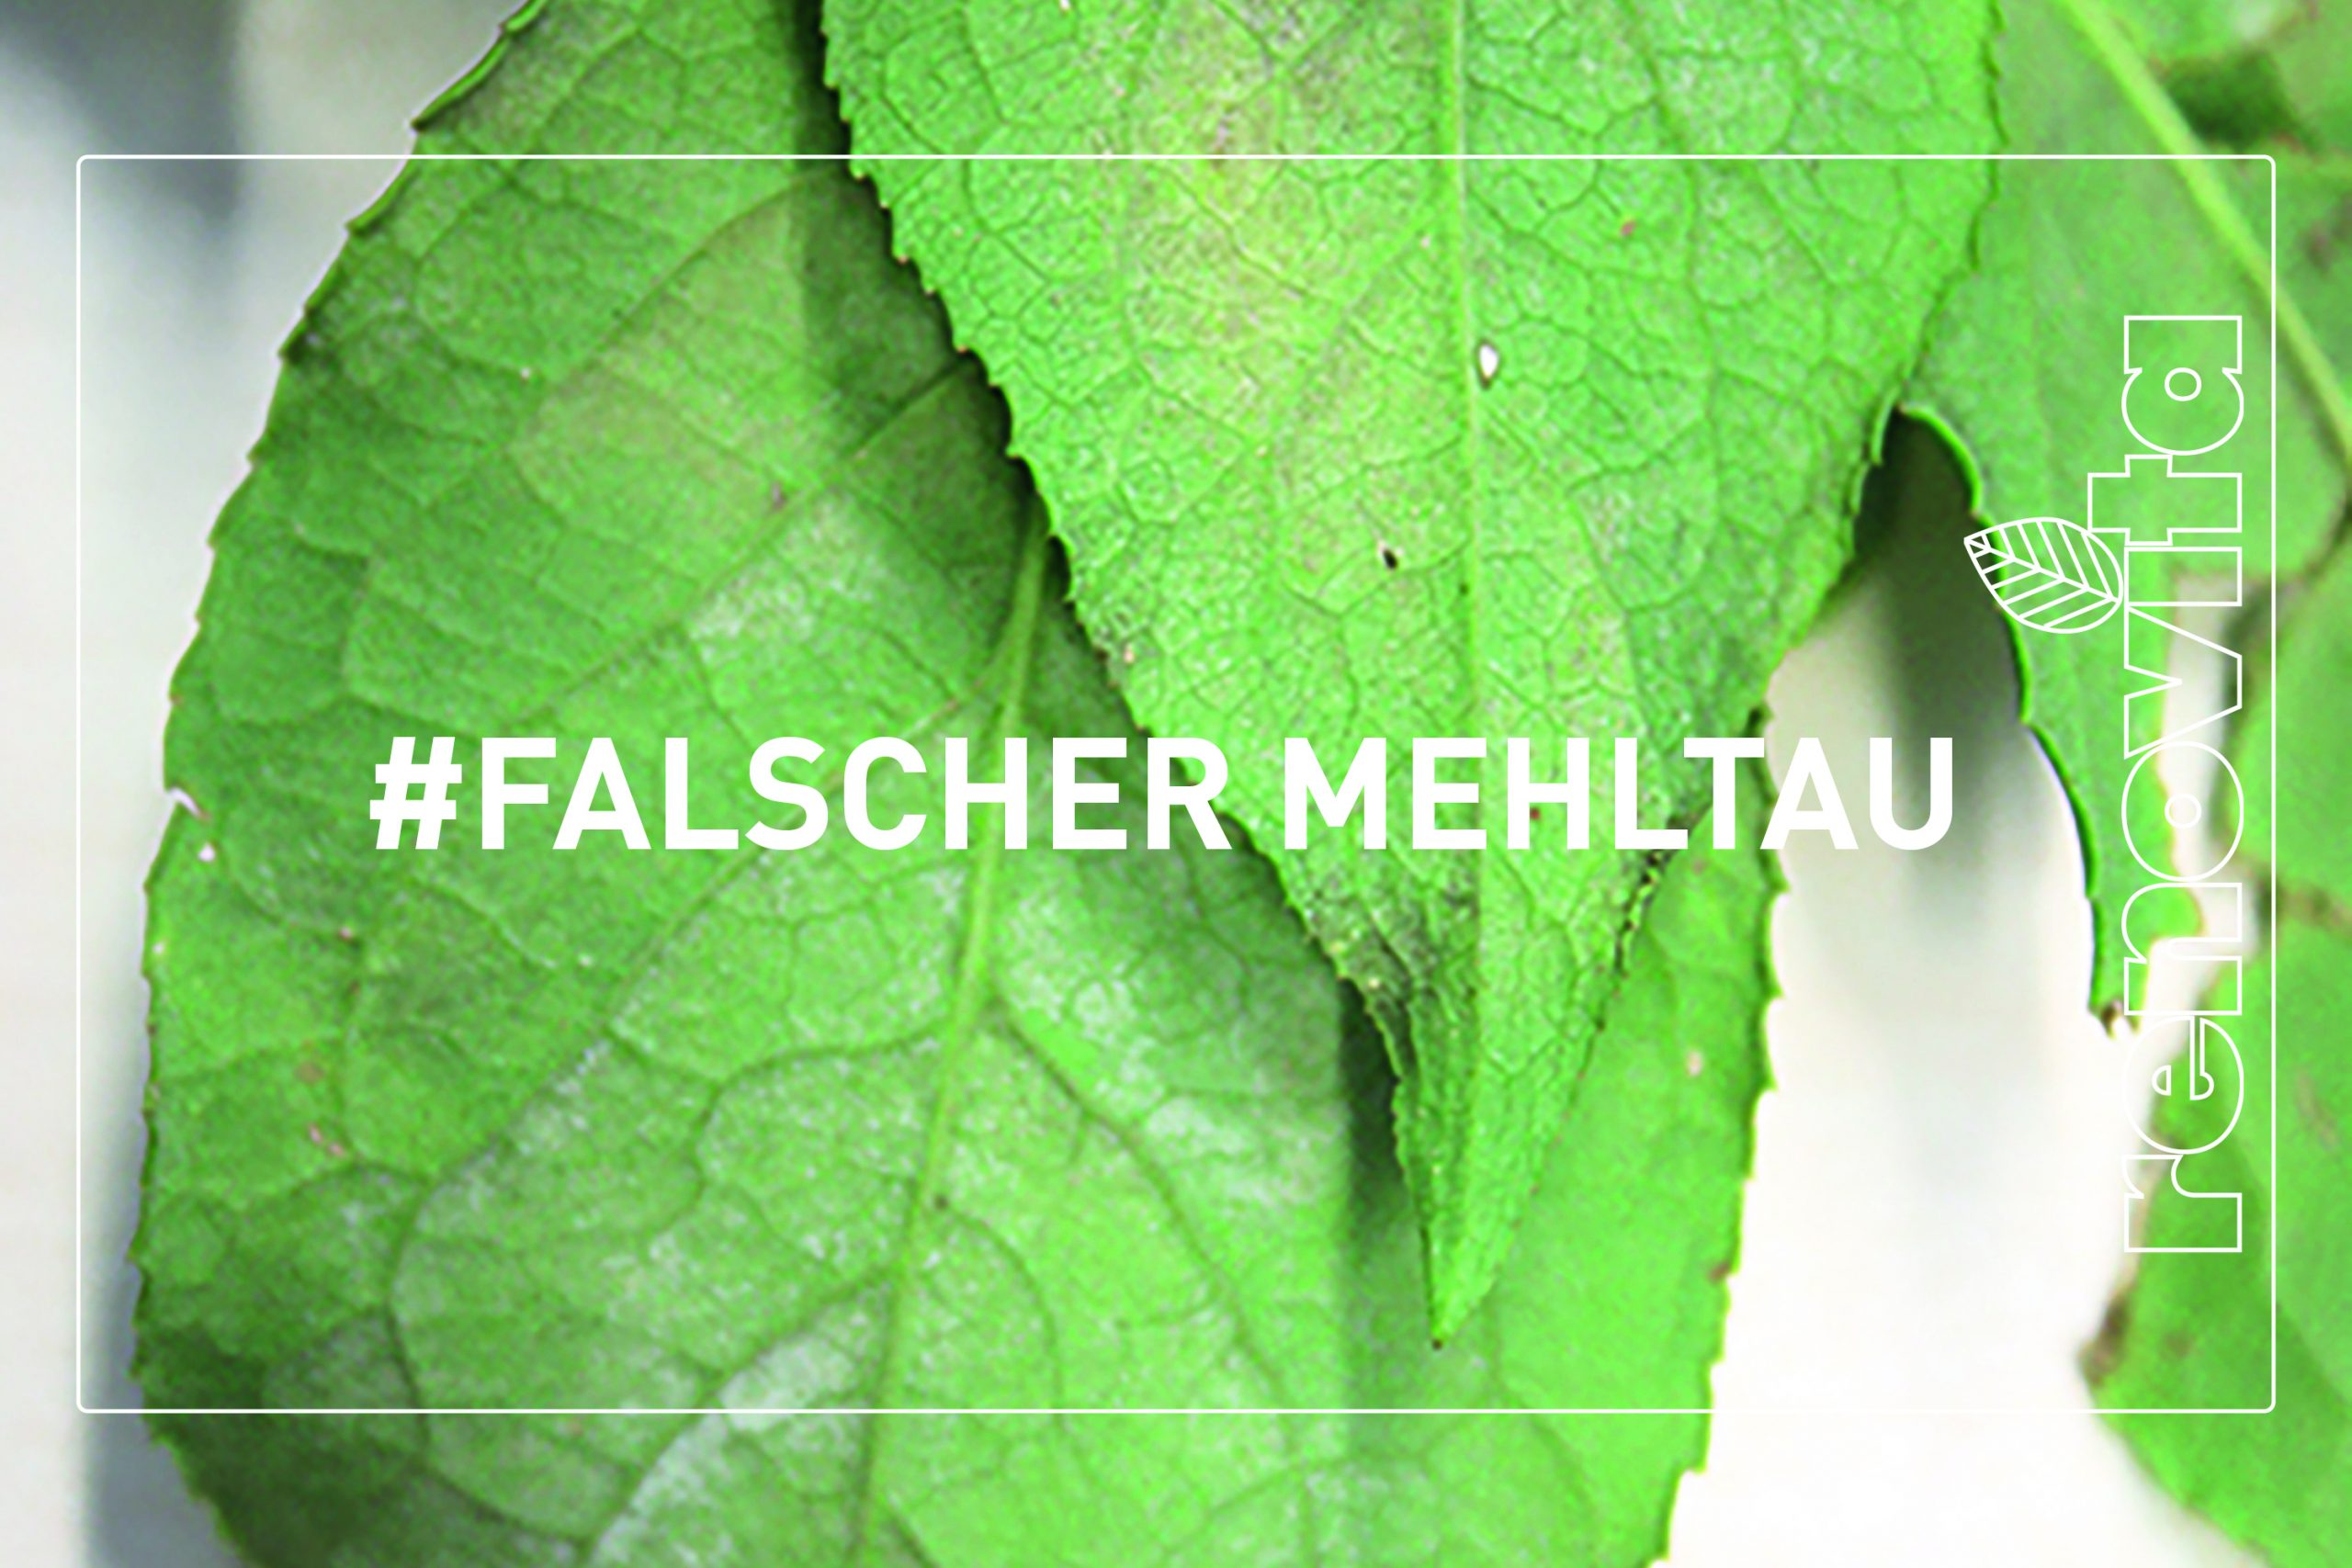 Falscher Mehltau